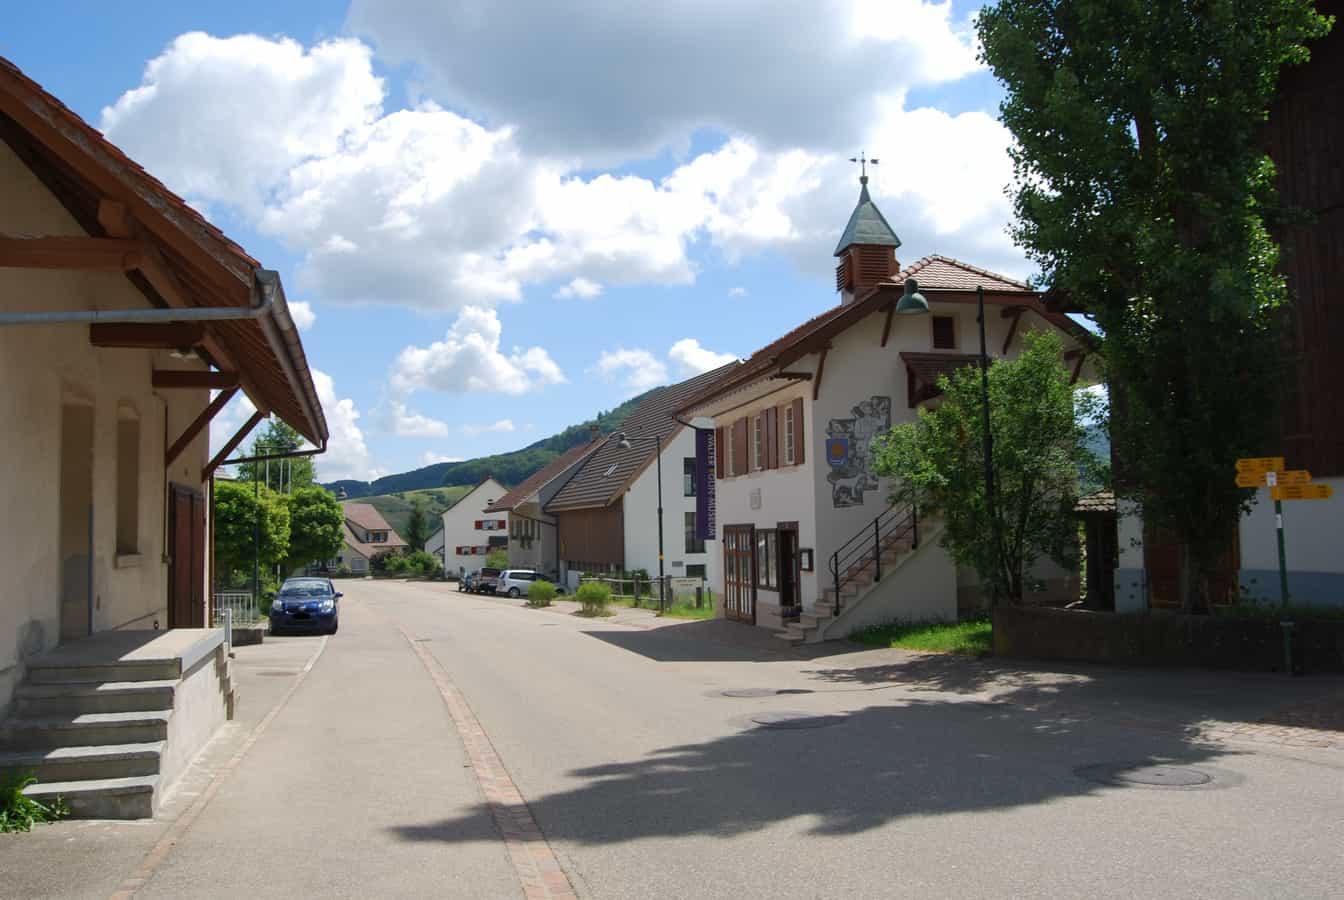 Känerkinden im Dorf